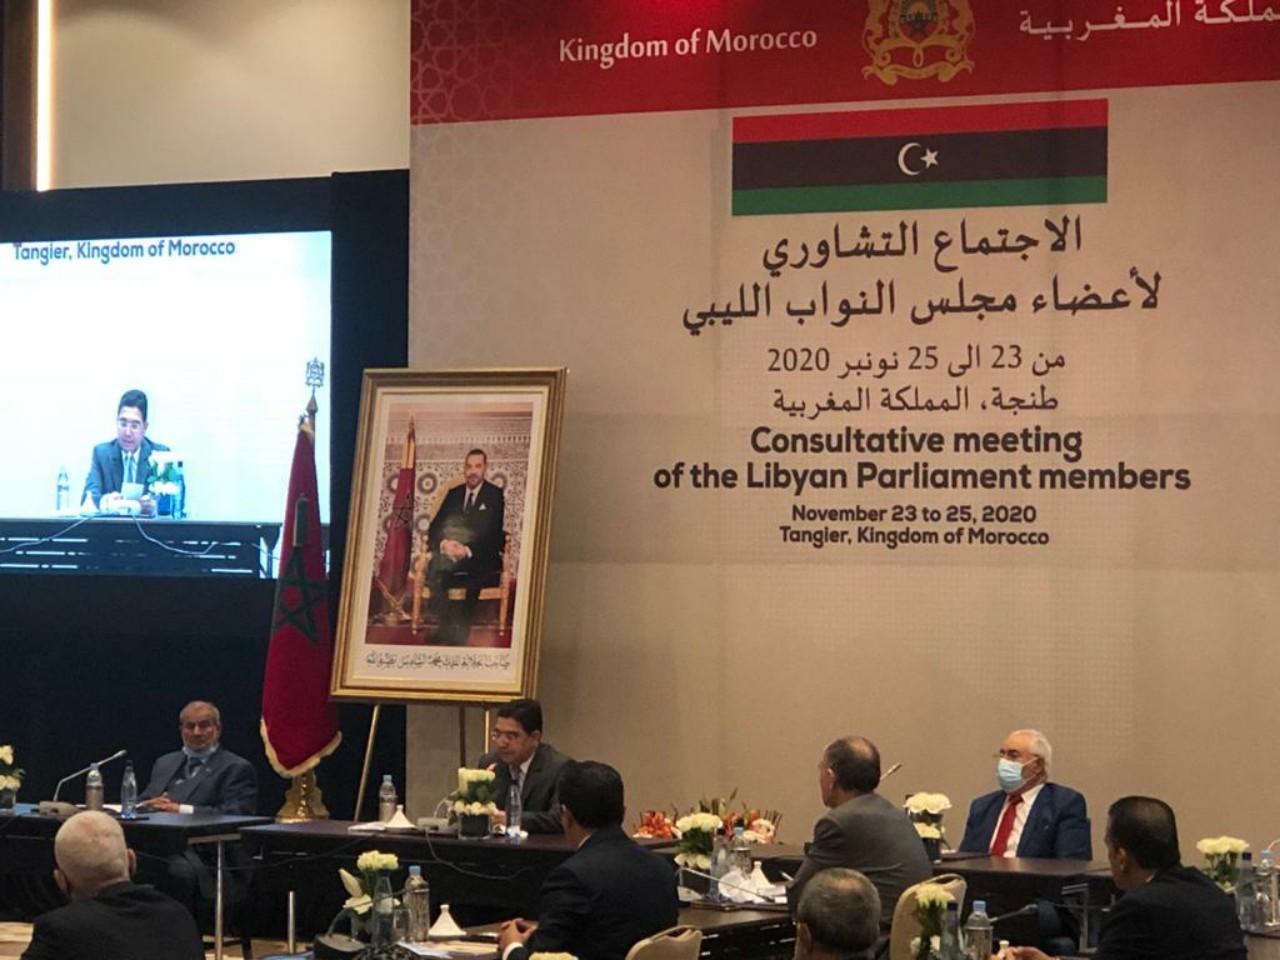 طنجة تستأنف أشغال المؤتمر التشاوري لحلحلة الأزمة الليبية